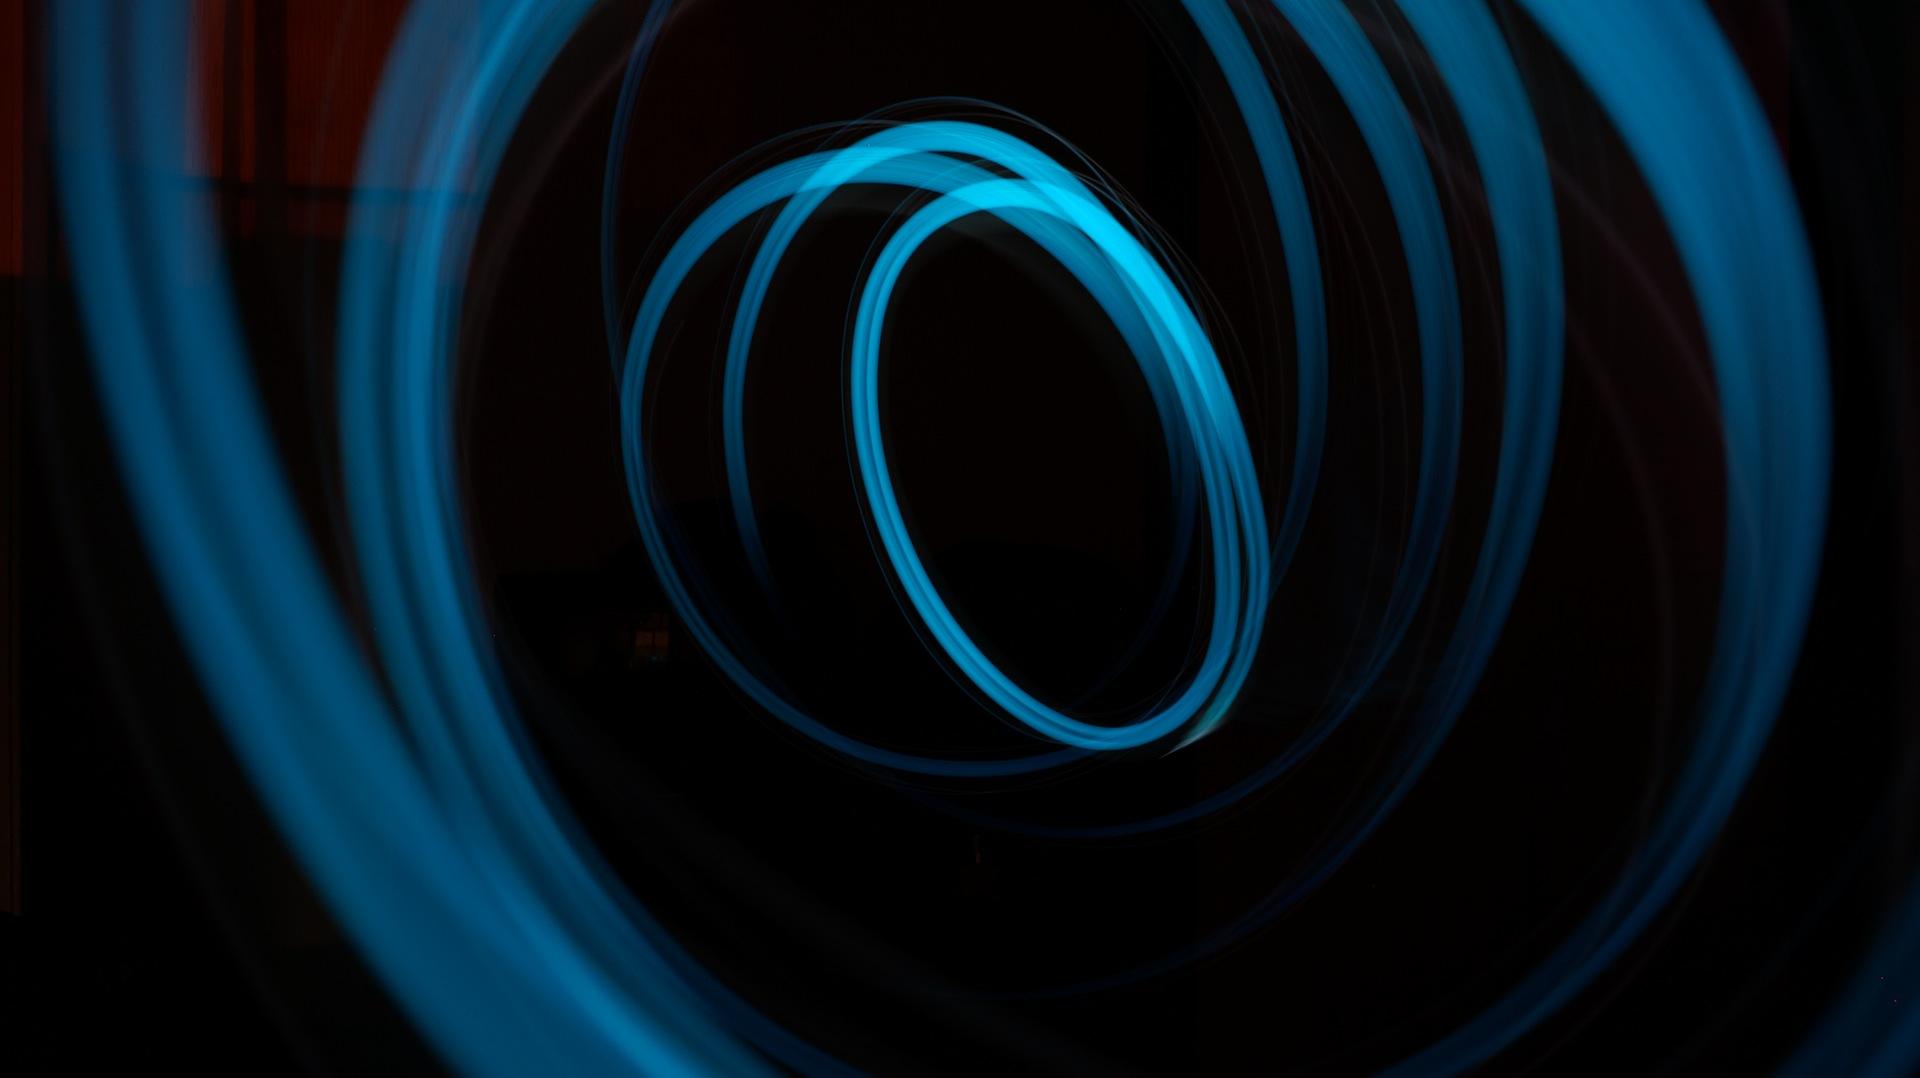 灯, 黑暗, 线条, 艺术, 蓝色 - 高清壁纸 - 教授-falken.com